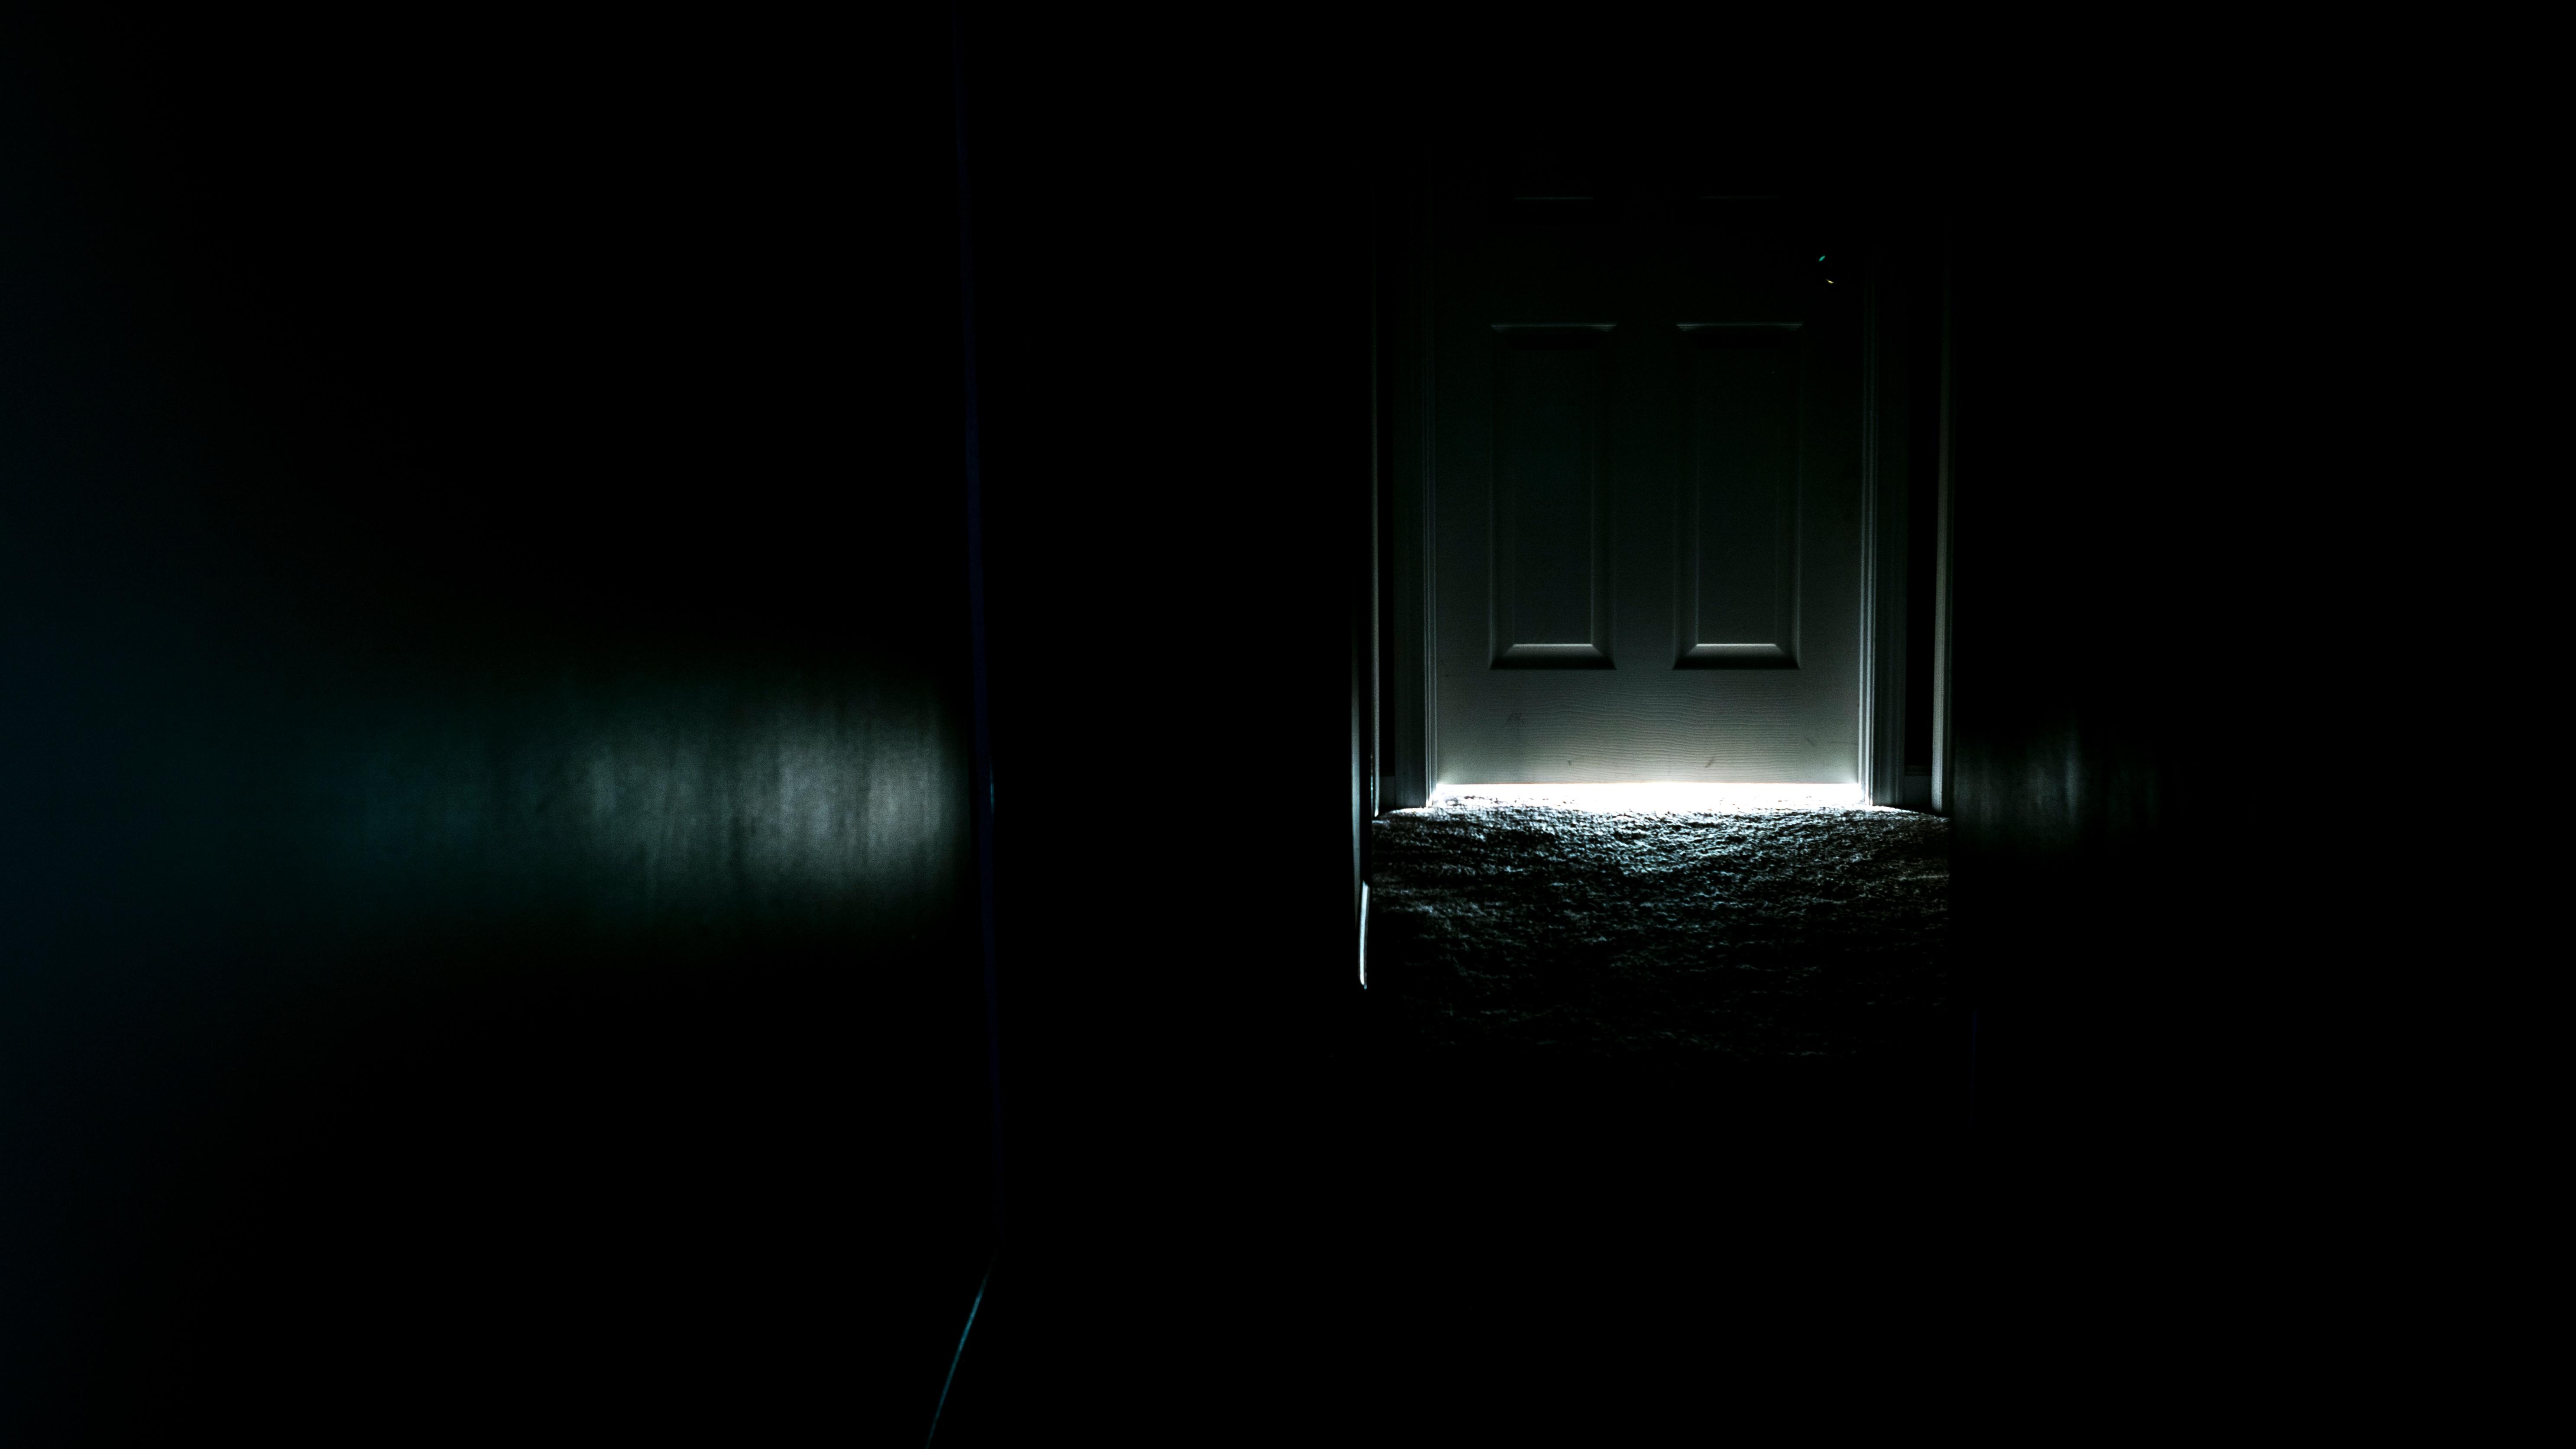 новый год фото в темноте майкрософтом данные погоде хуторе